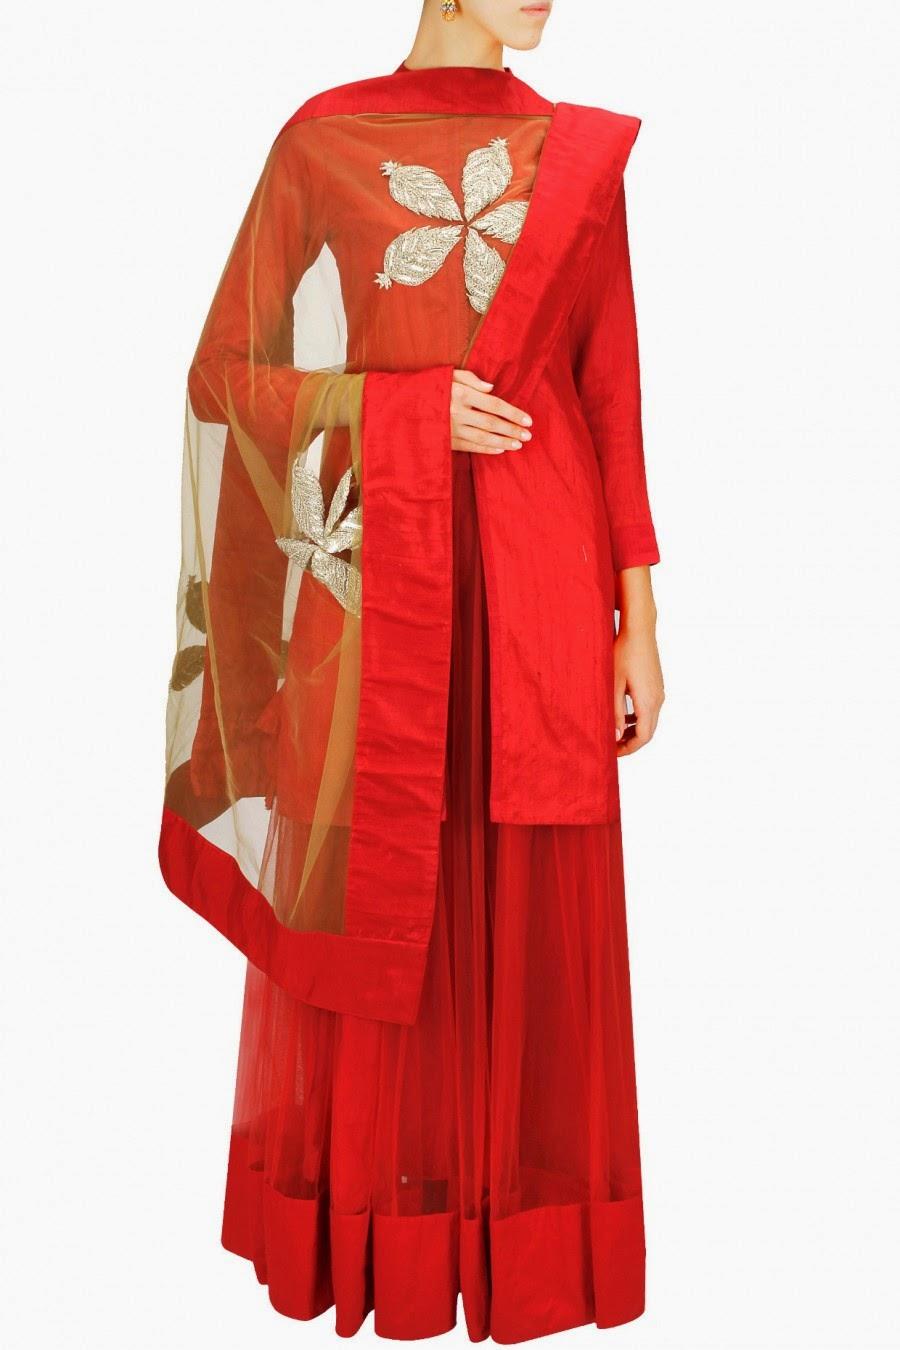 buy online 61f08 9acf1 Sogo fashion pvt ltd noida